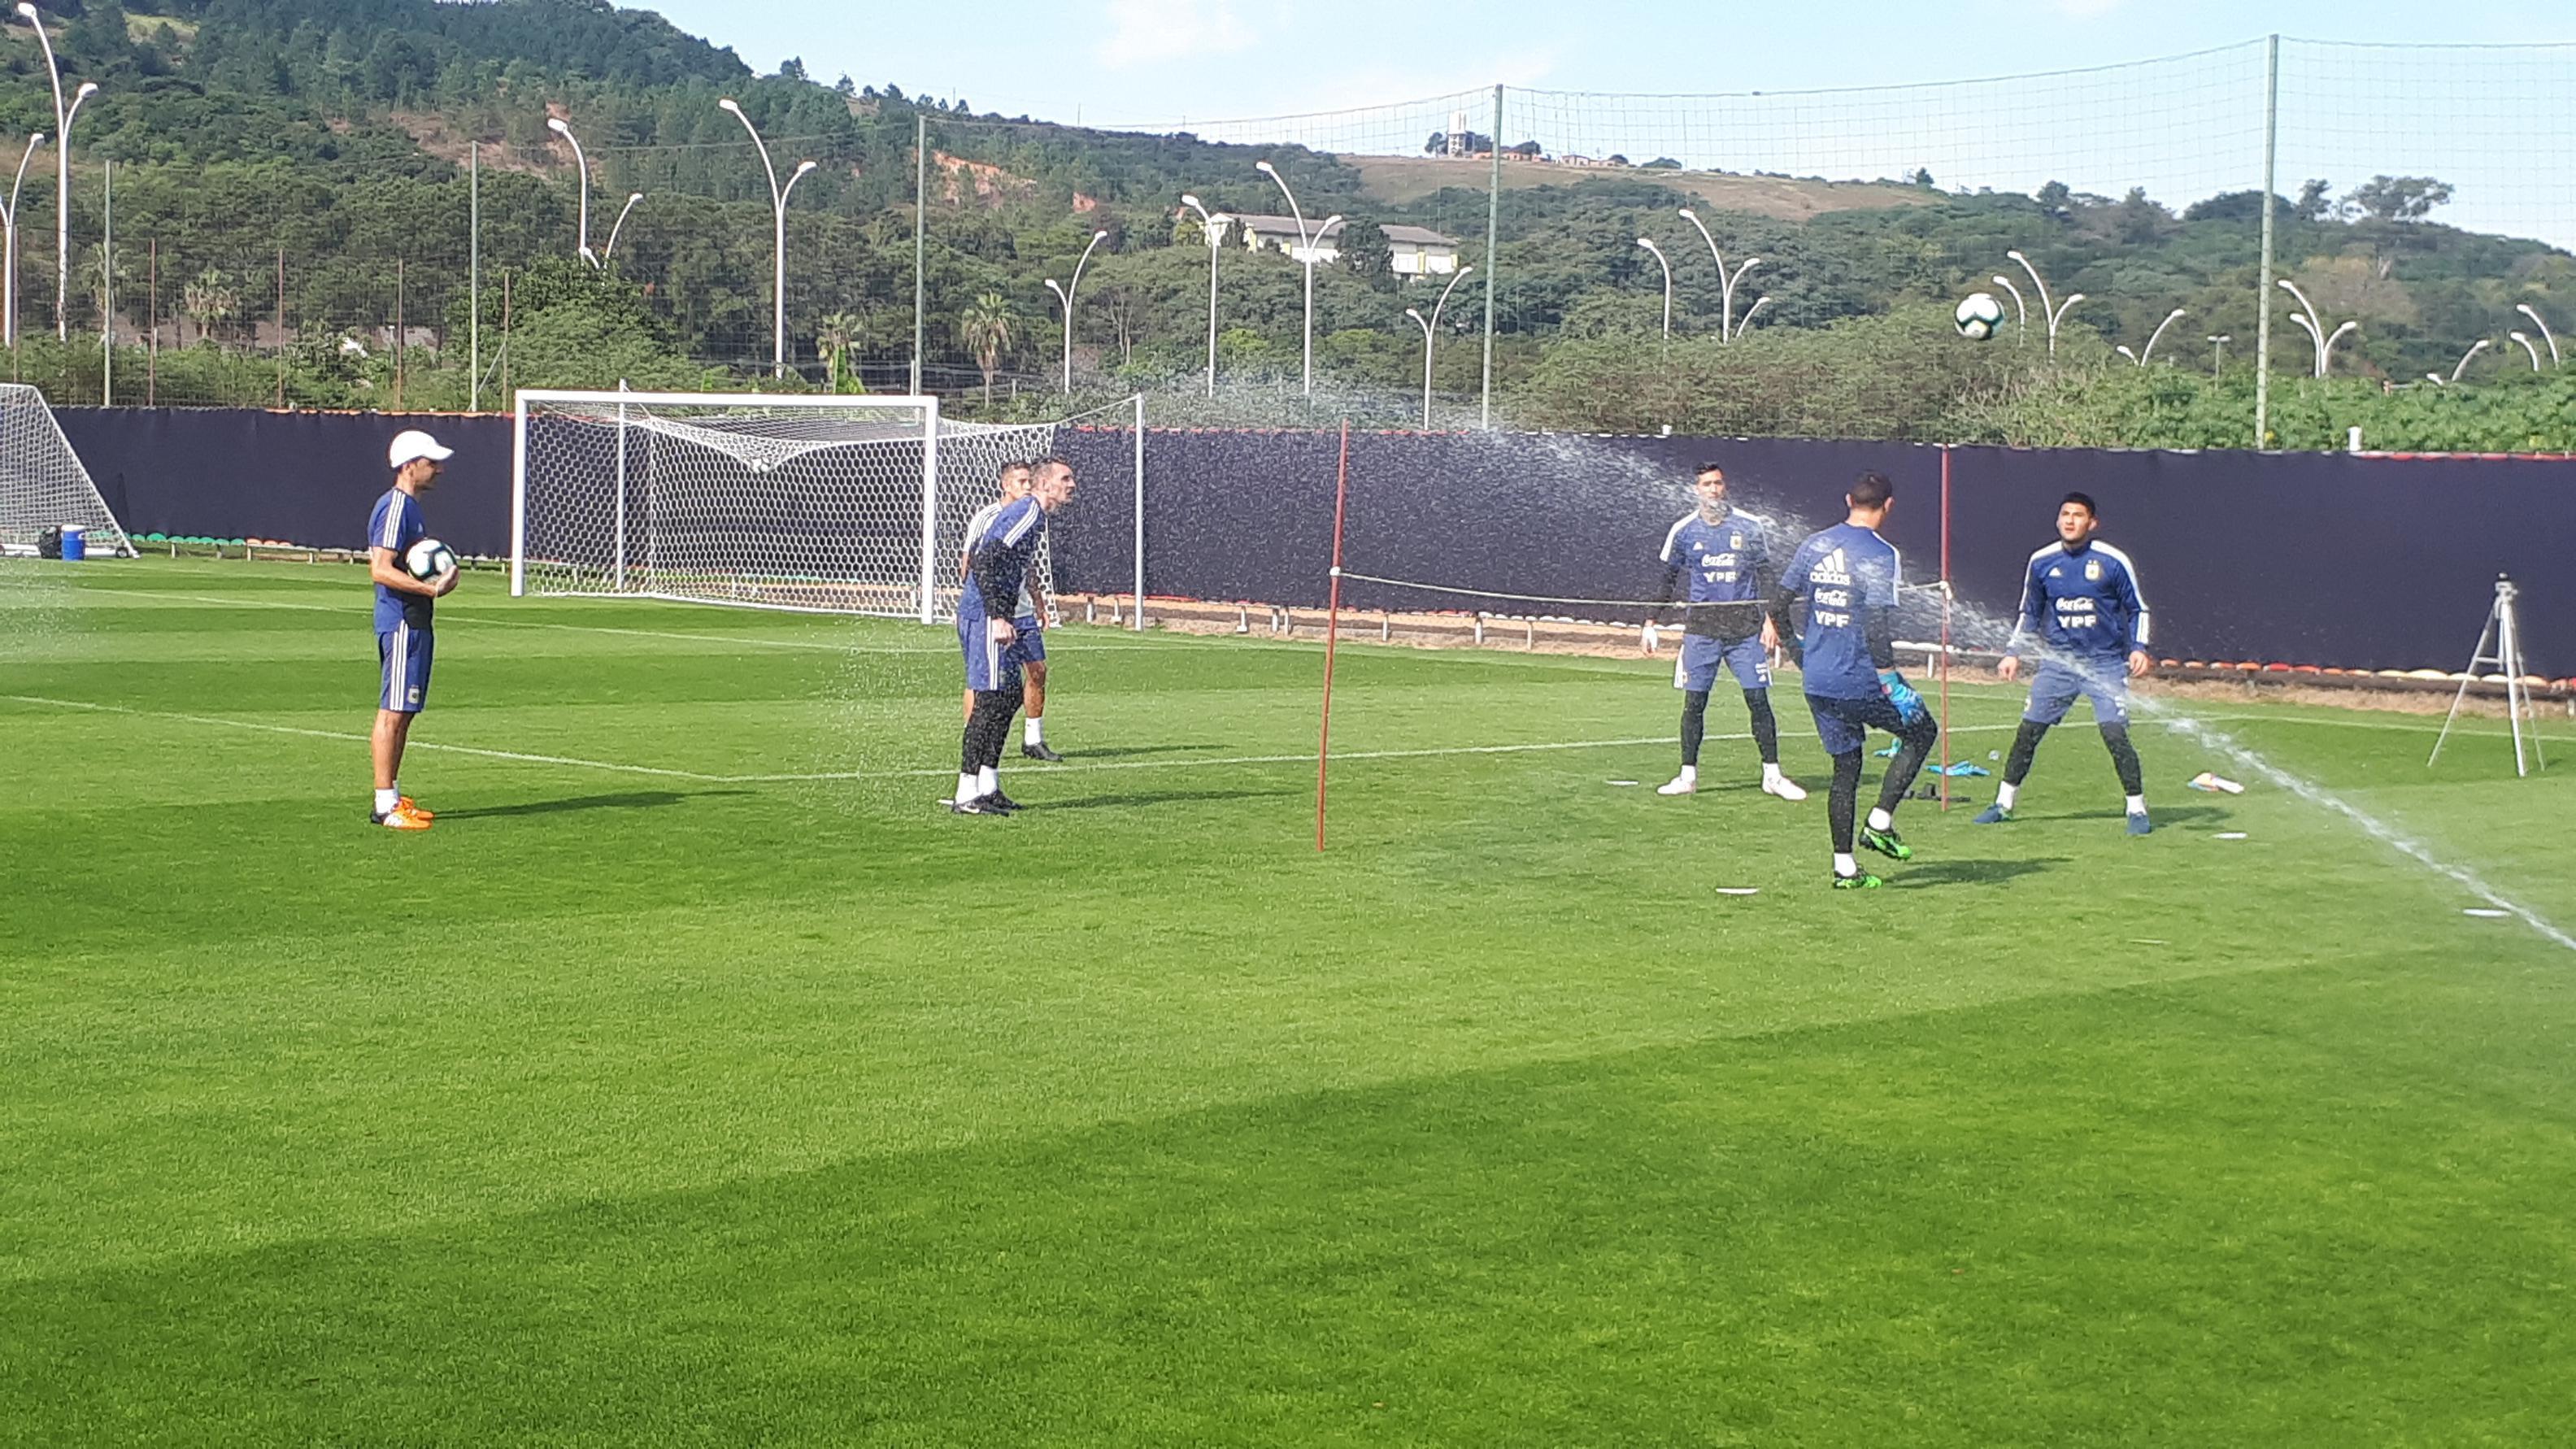 Copa América 2019: entrenamiento distendido sin las figuras